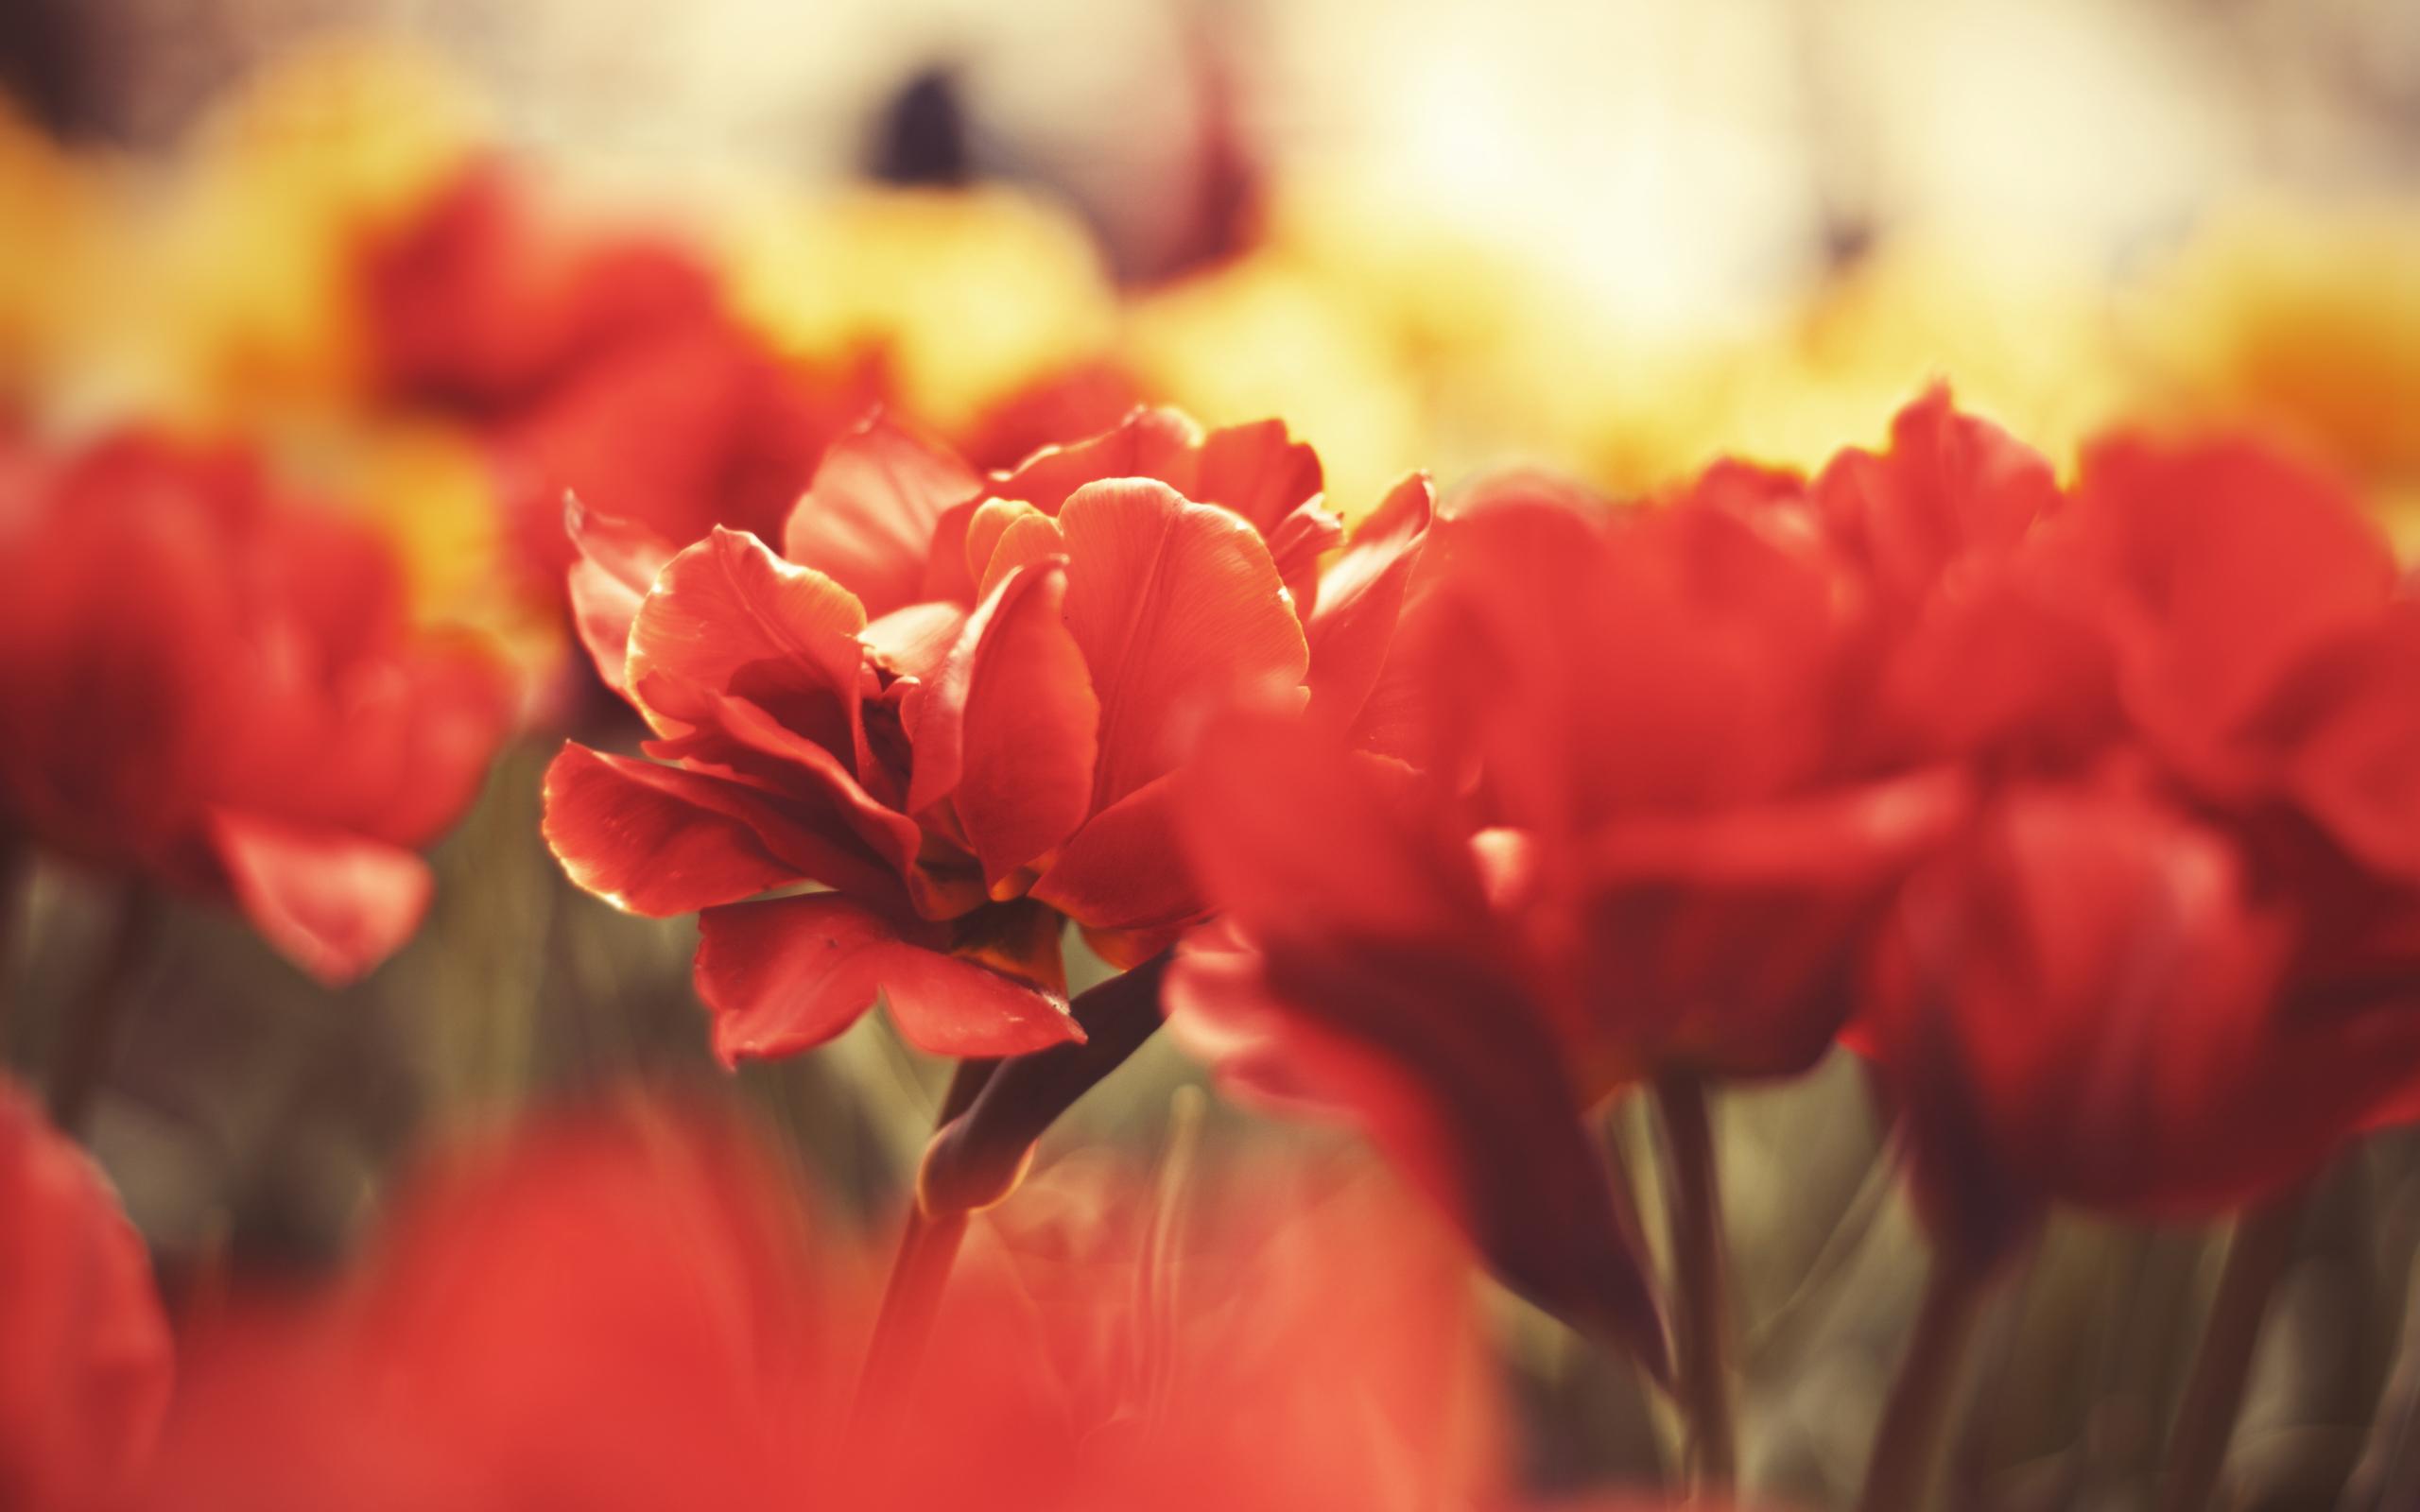 Red flowers macro 1